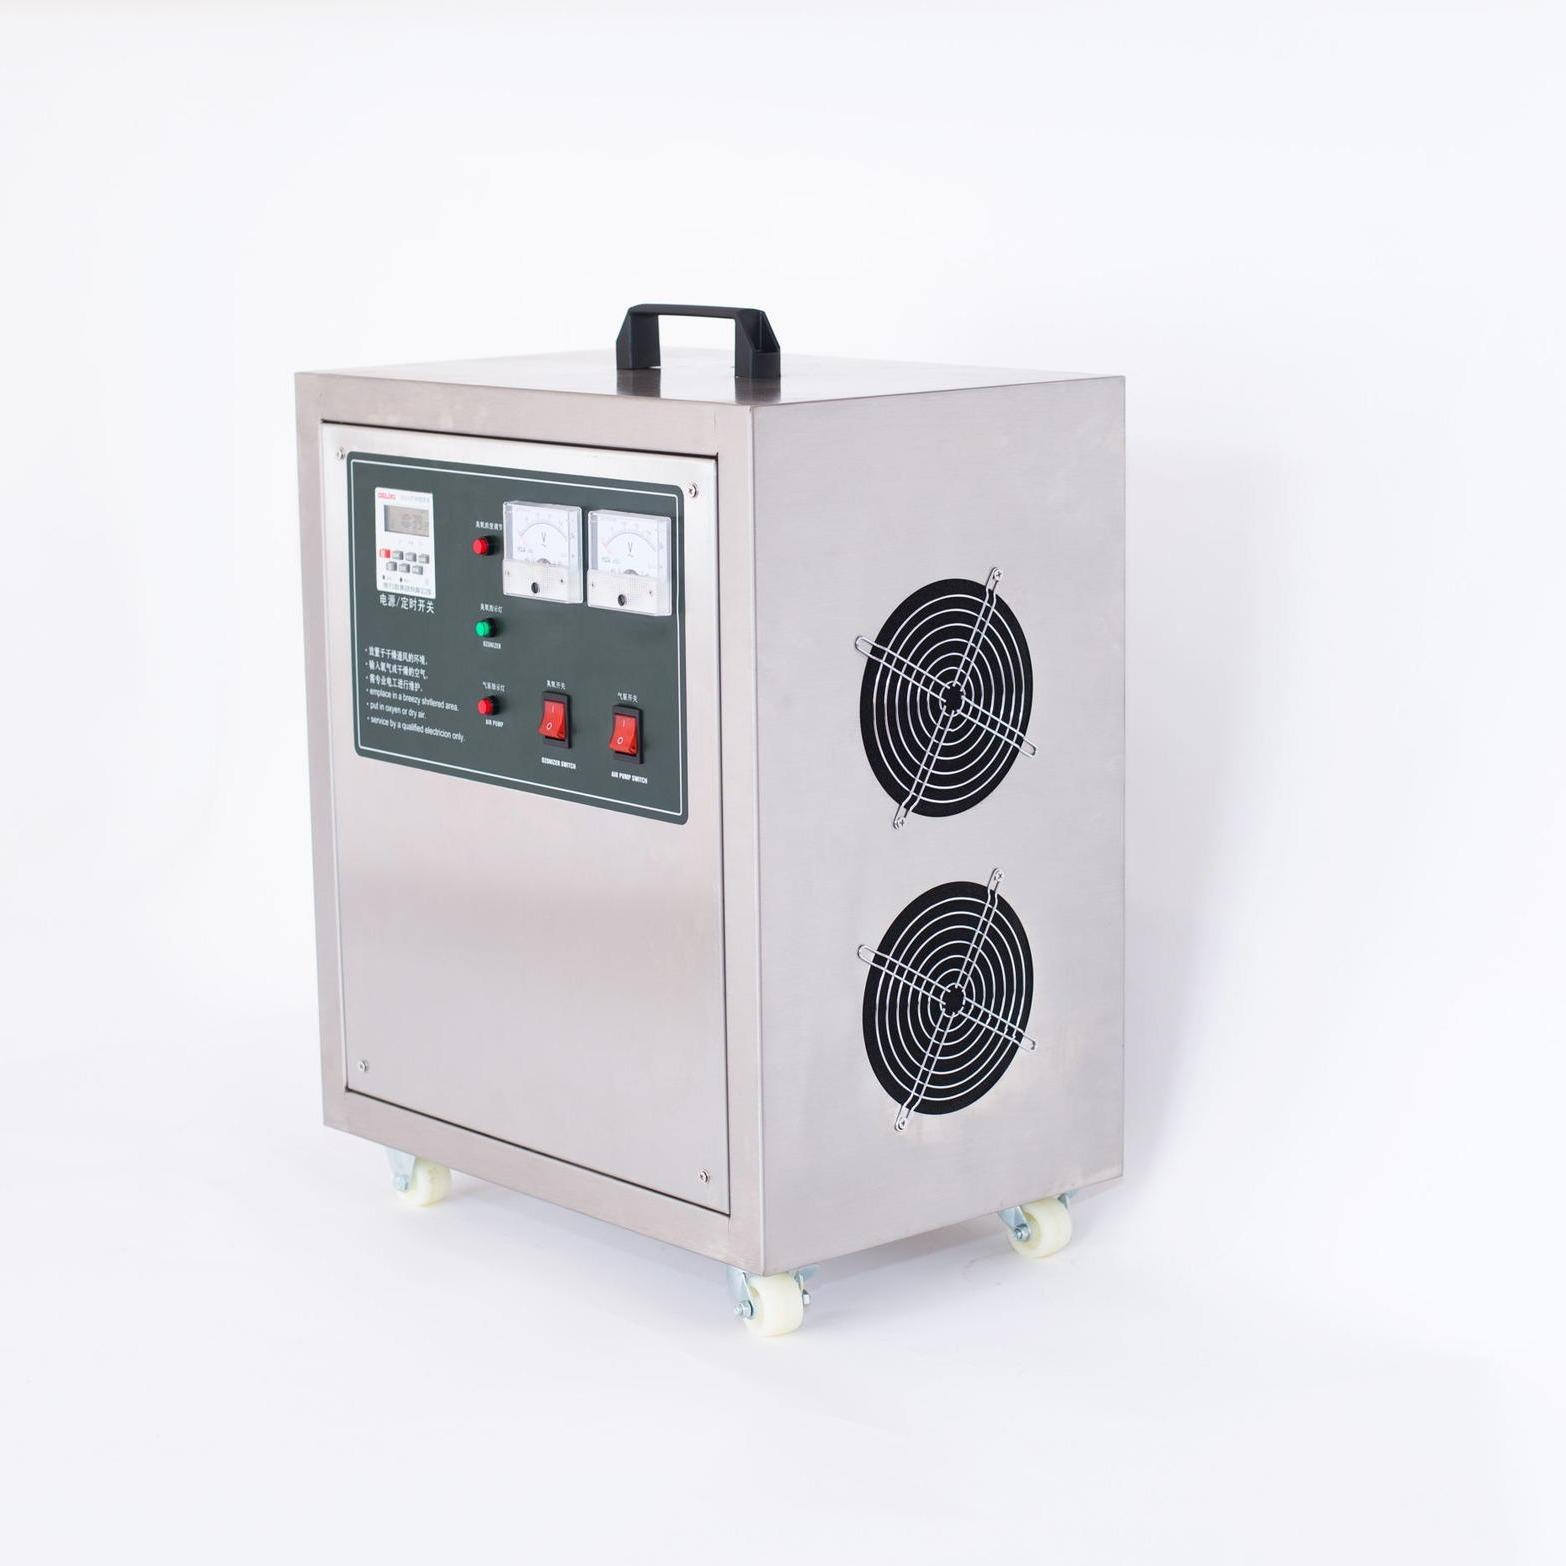 臭氧发生器 纯净水处理 矿泉水杀菌消毒臭氧消毒机格瑞特Grt-003-20g厂家直供